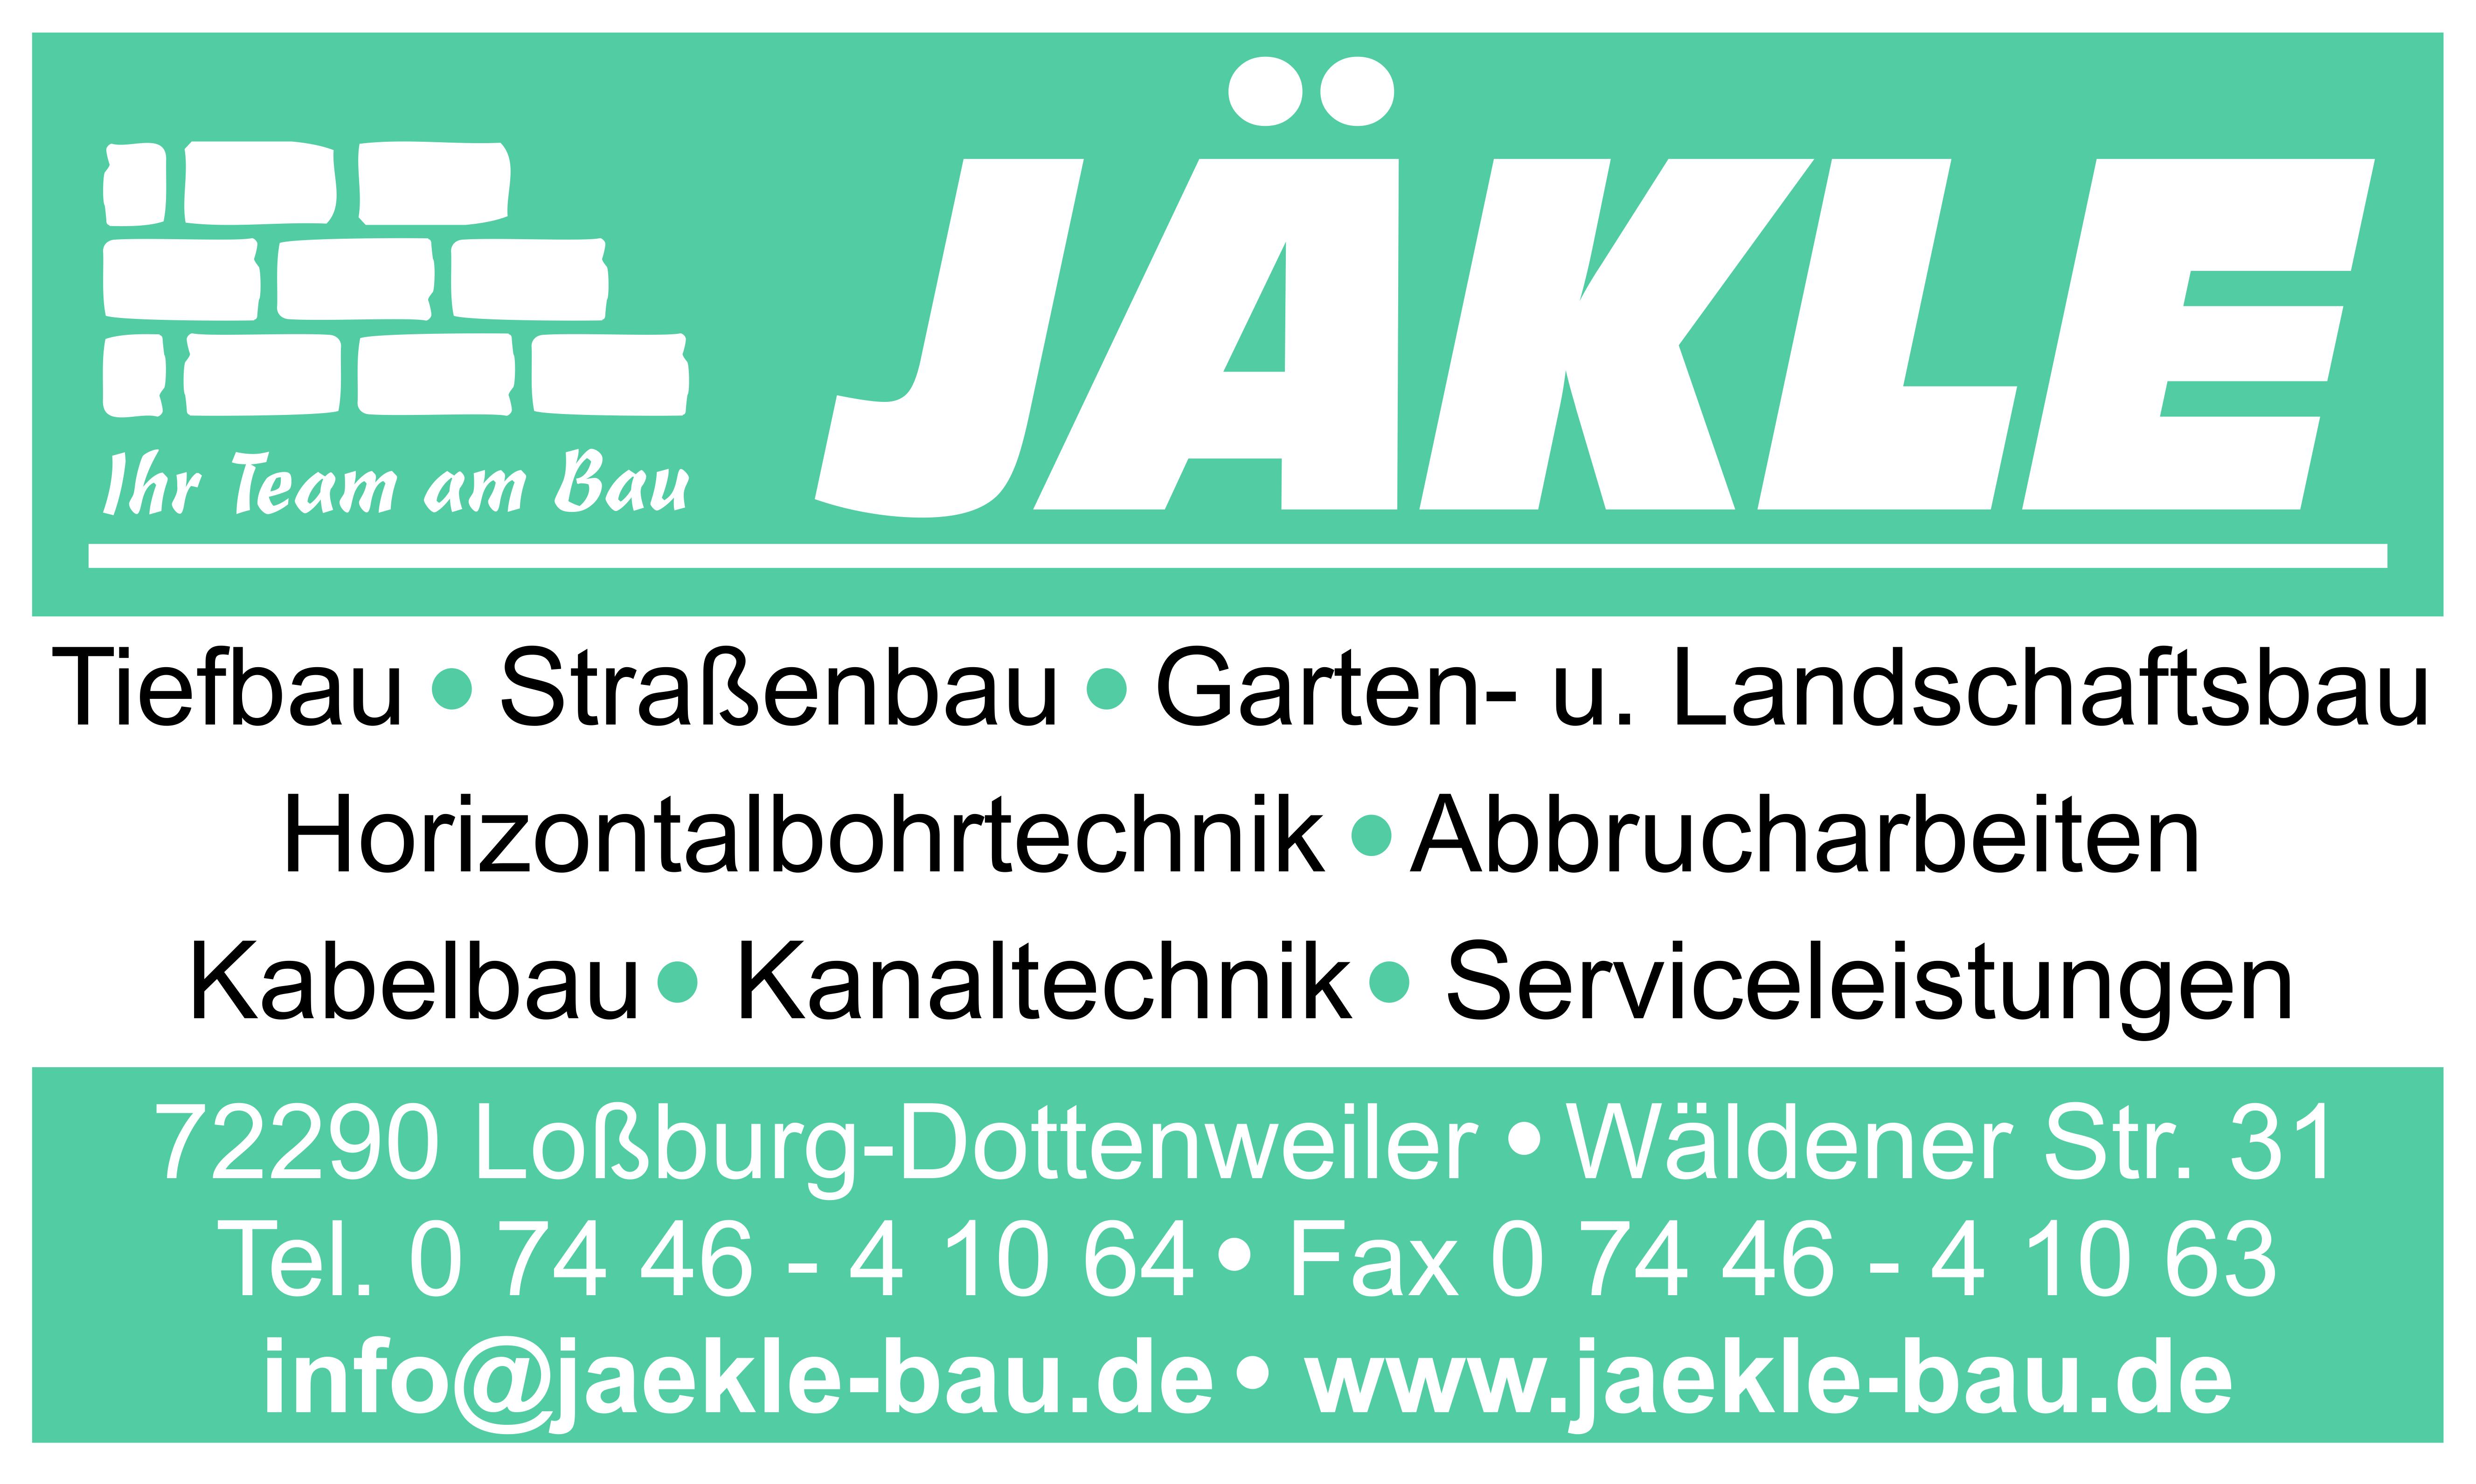 Jäkle_Logo (005)